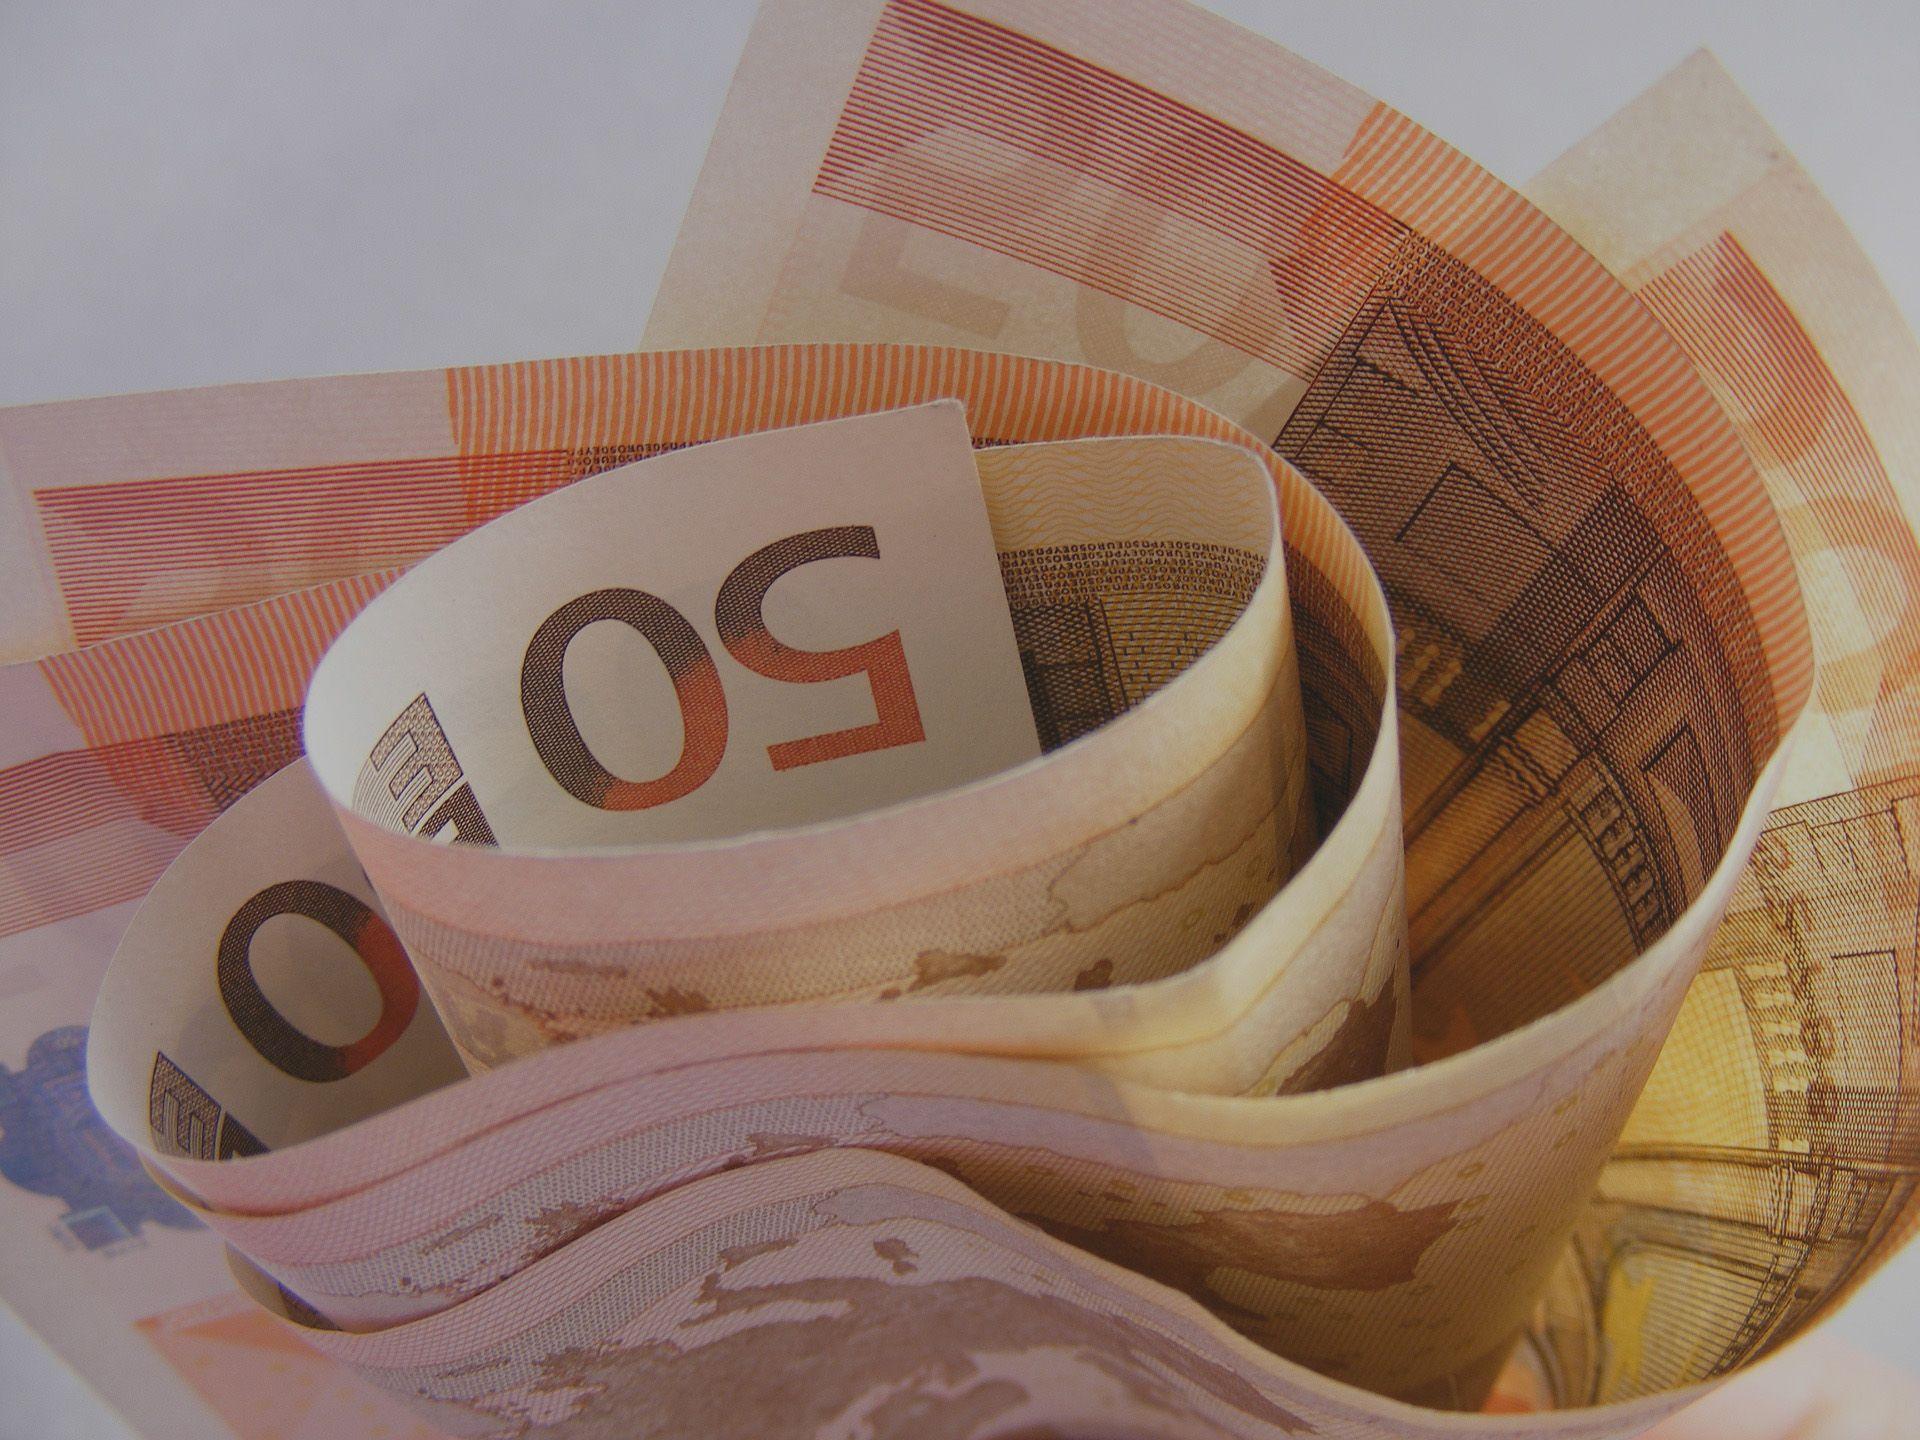 Ubezpieczenie kredytu - czy jest obowiązkowe? - Kredyty Zaufania